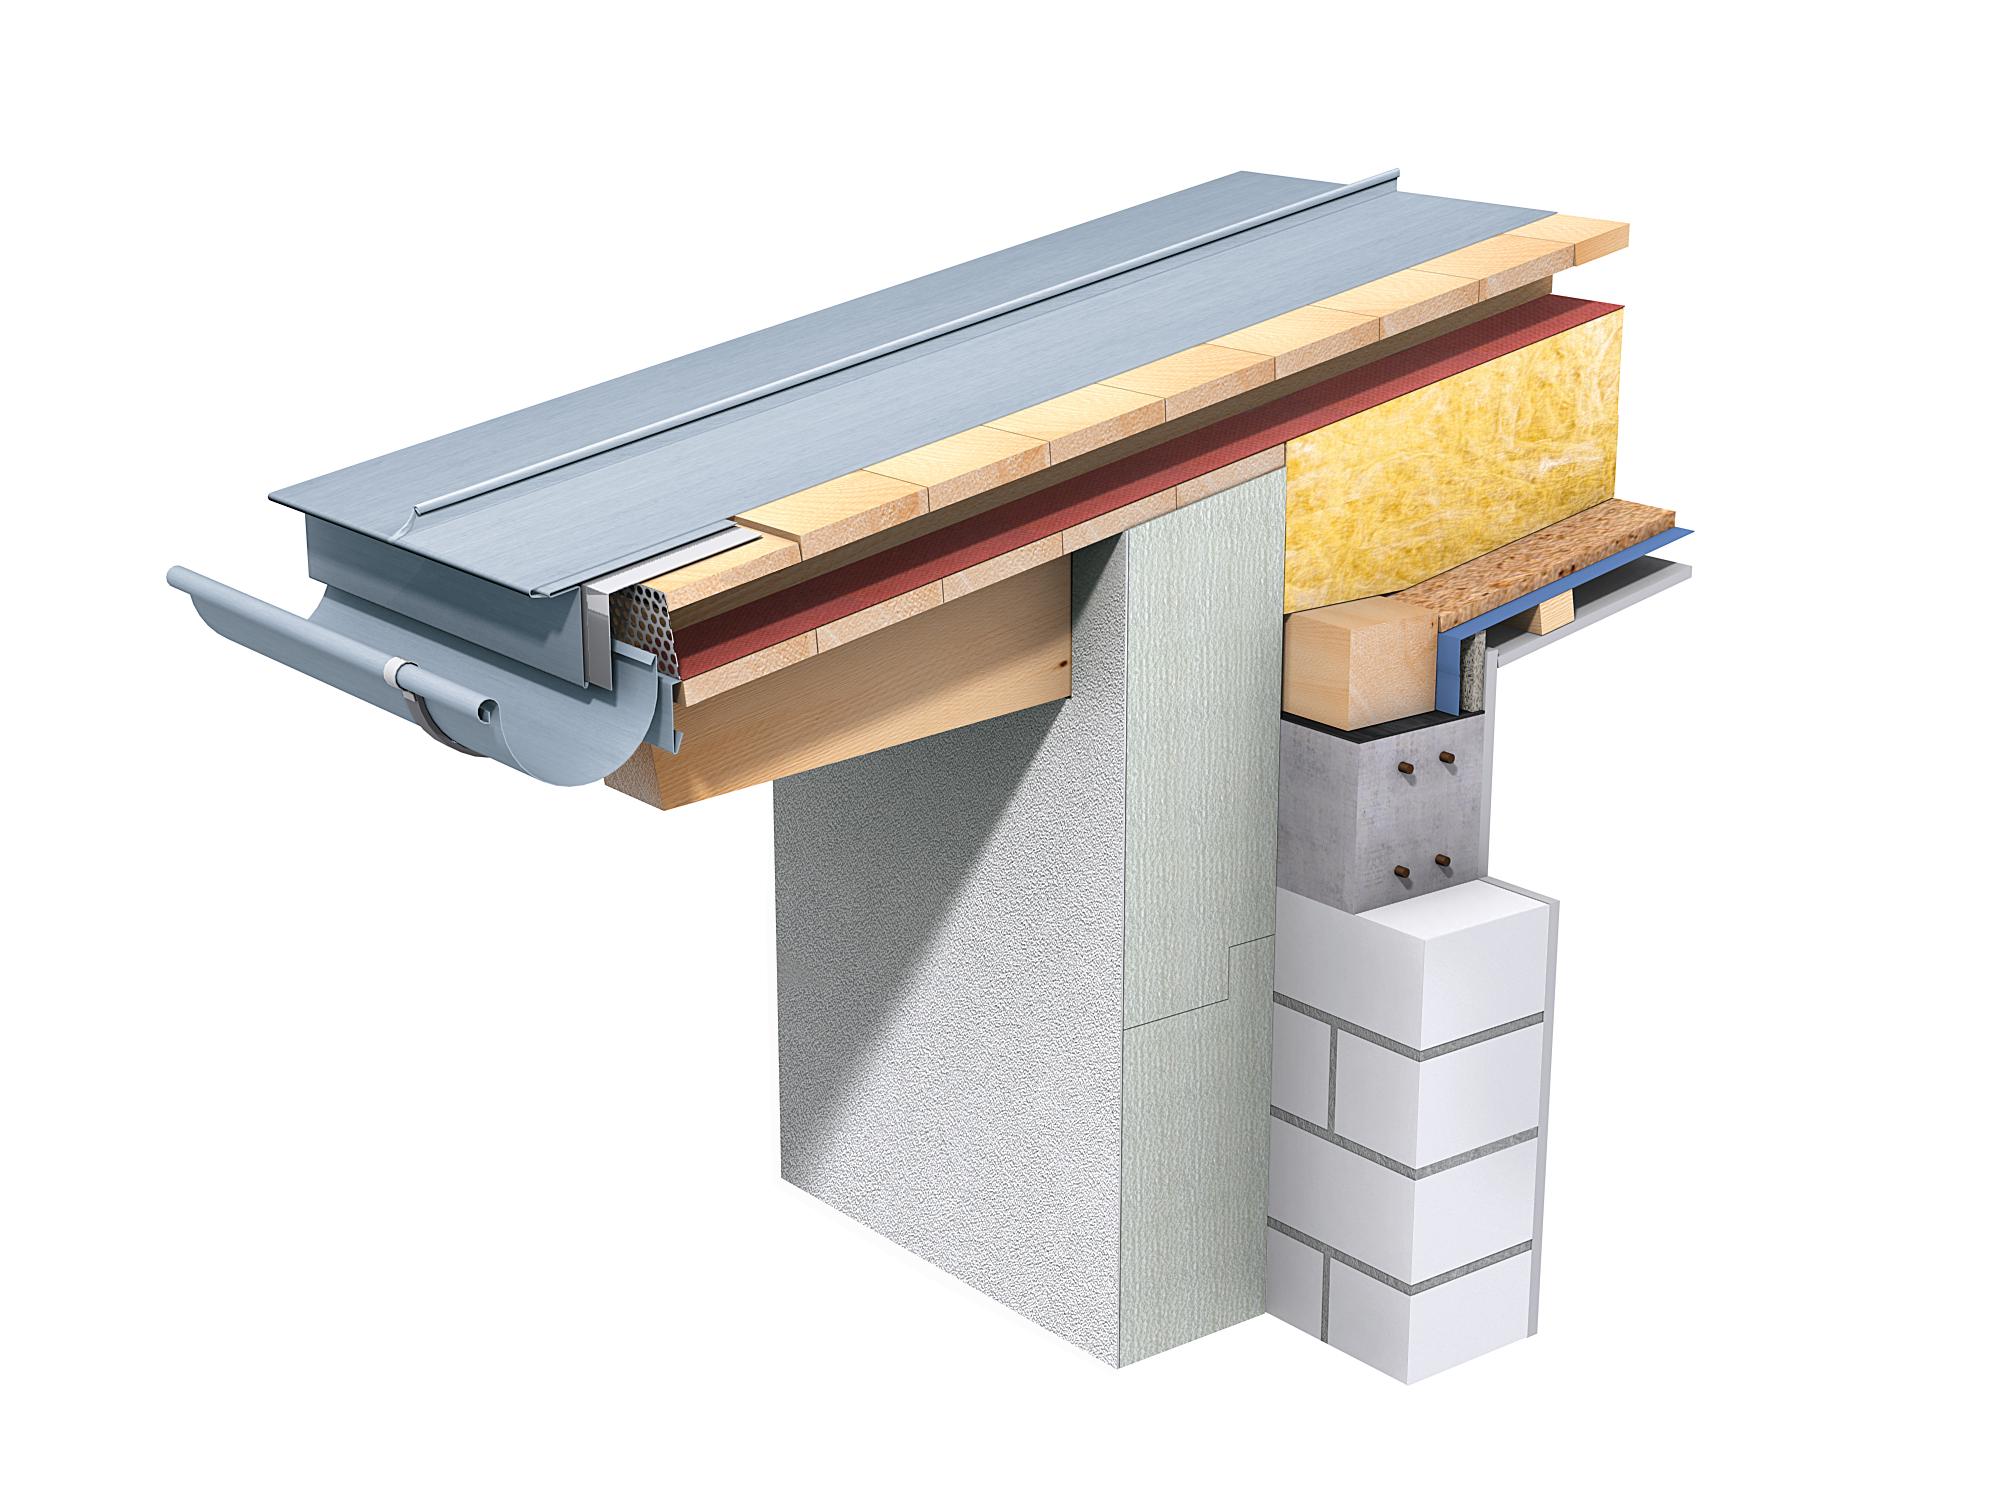 Turbo Doppelstehfalz für die Dacheindeckung   rheinzink.de JY51